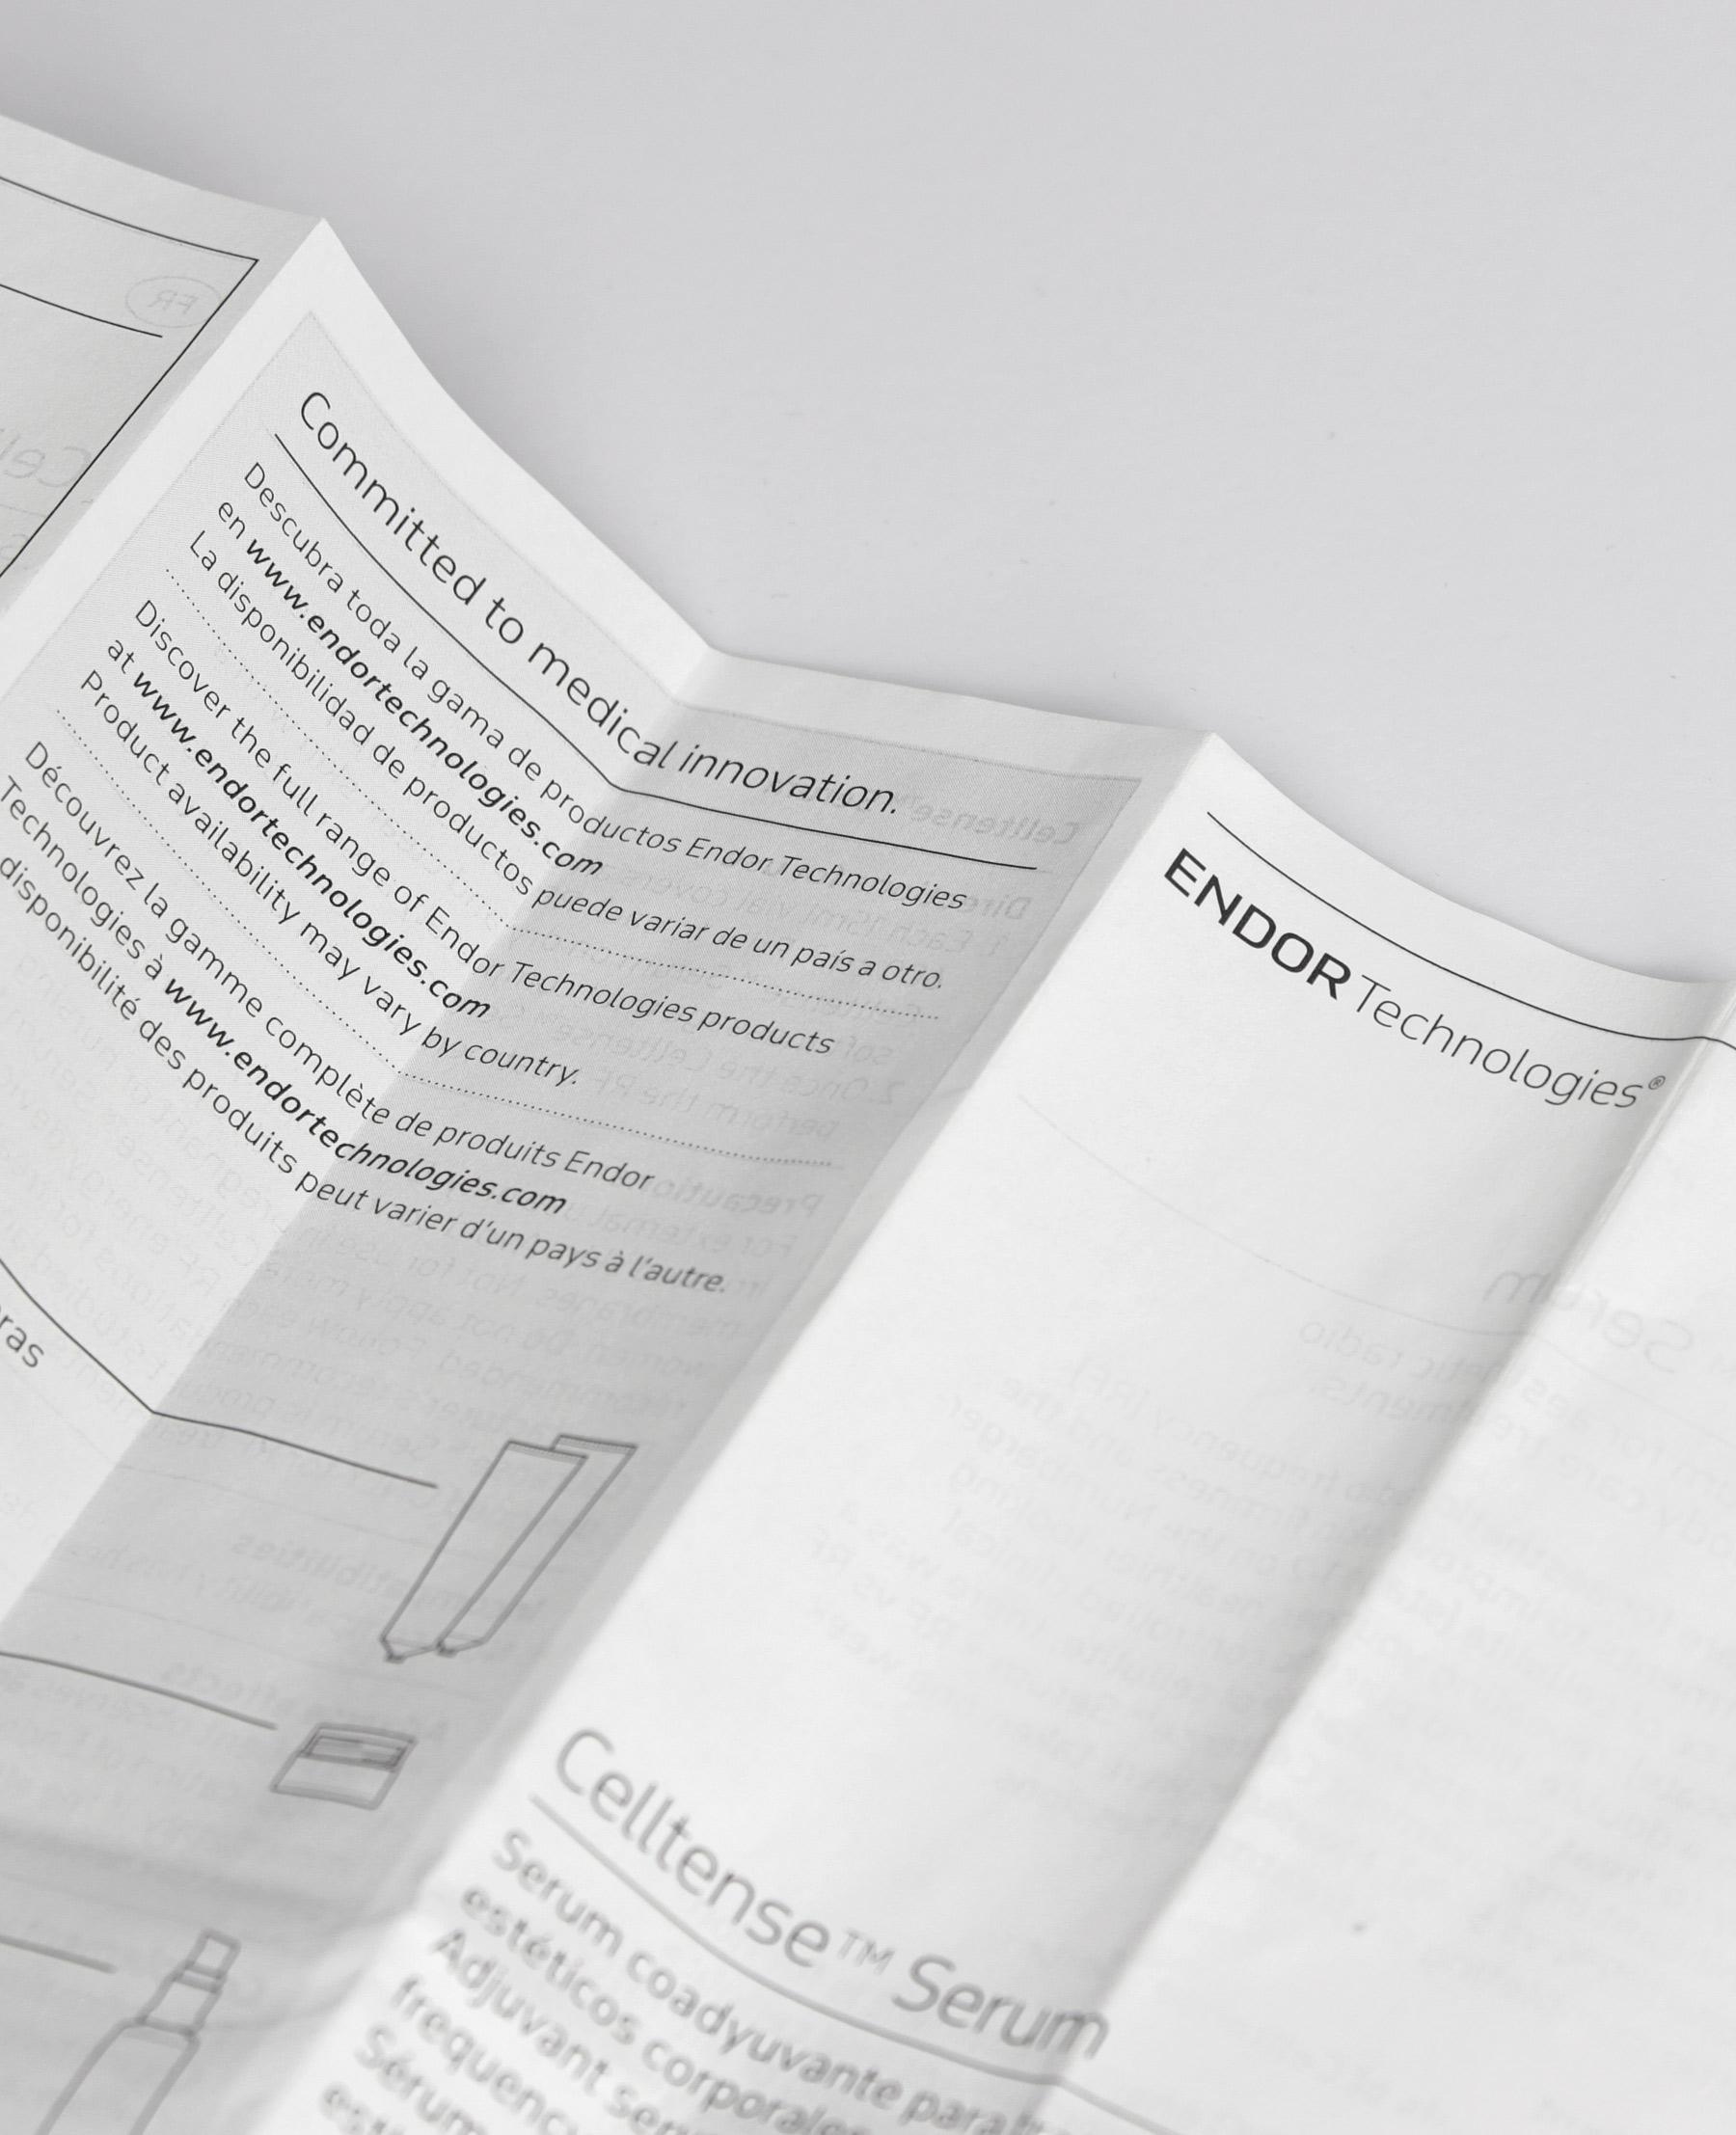 Fase, estudio de diseño gráfico. Identidad corporativa y diseño de packaging para Endor Technologies. Prospecto.